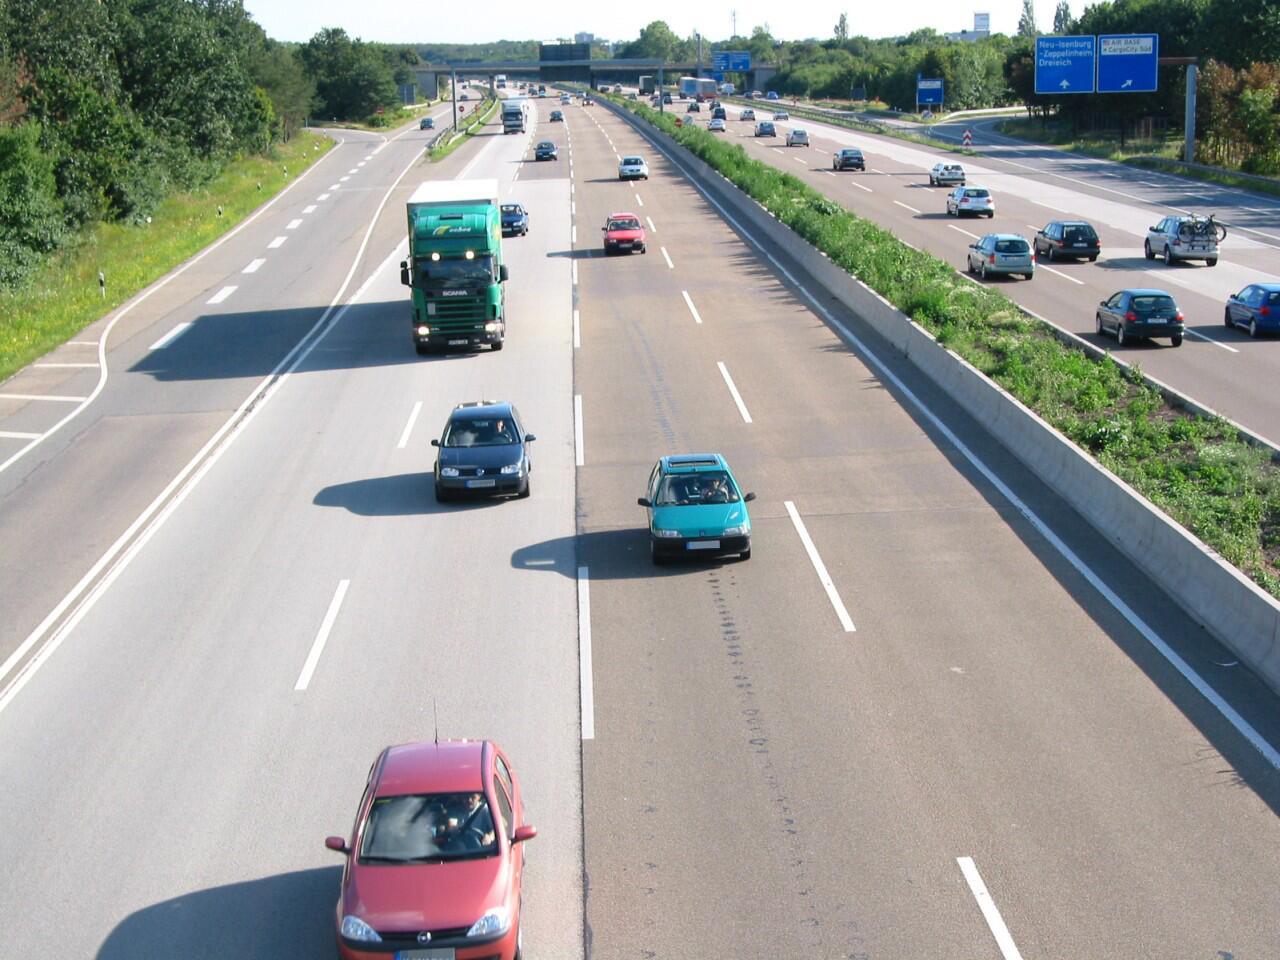 Bild zu Fahren auf der Autobahn: Für unsichere Autofahrer mit Ängsten verbunden